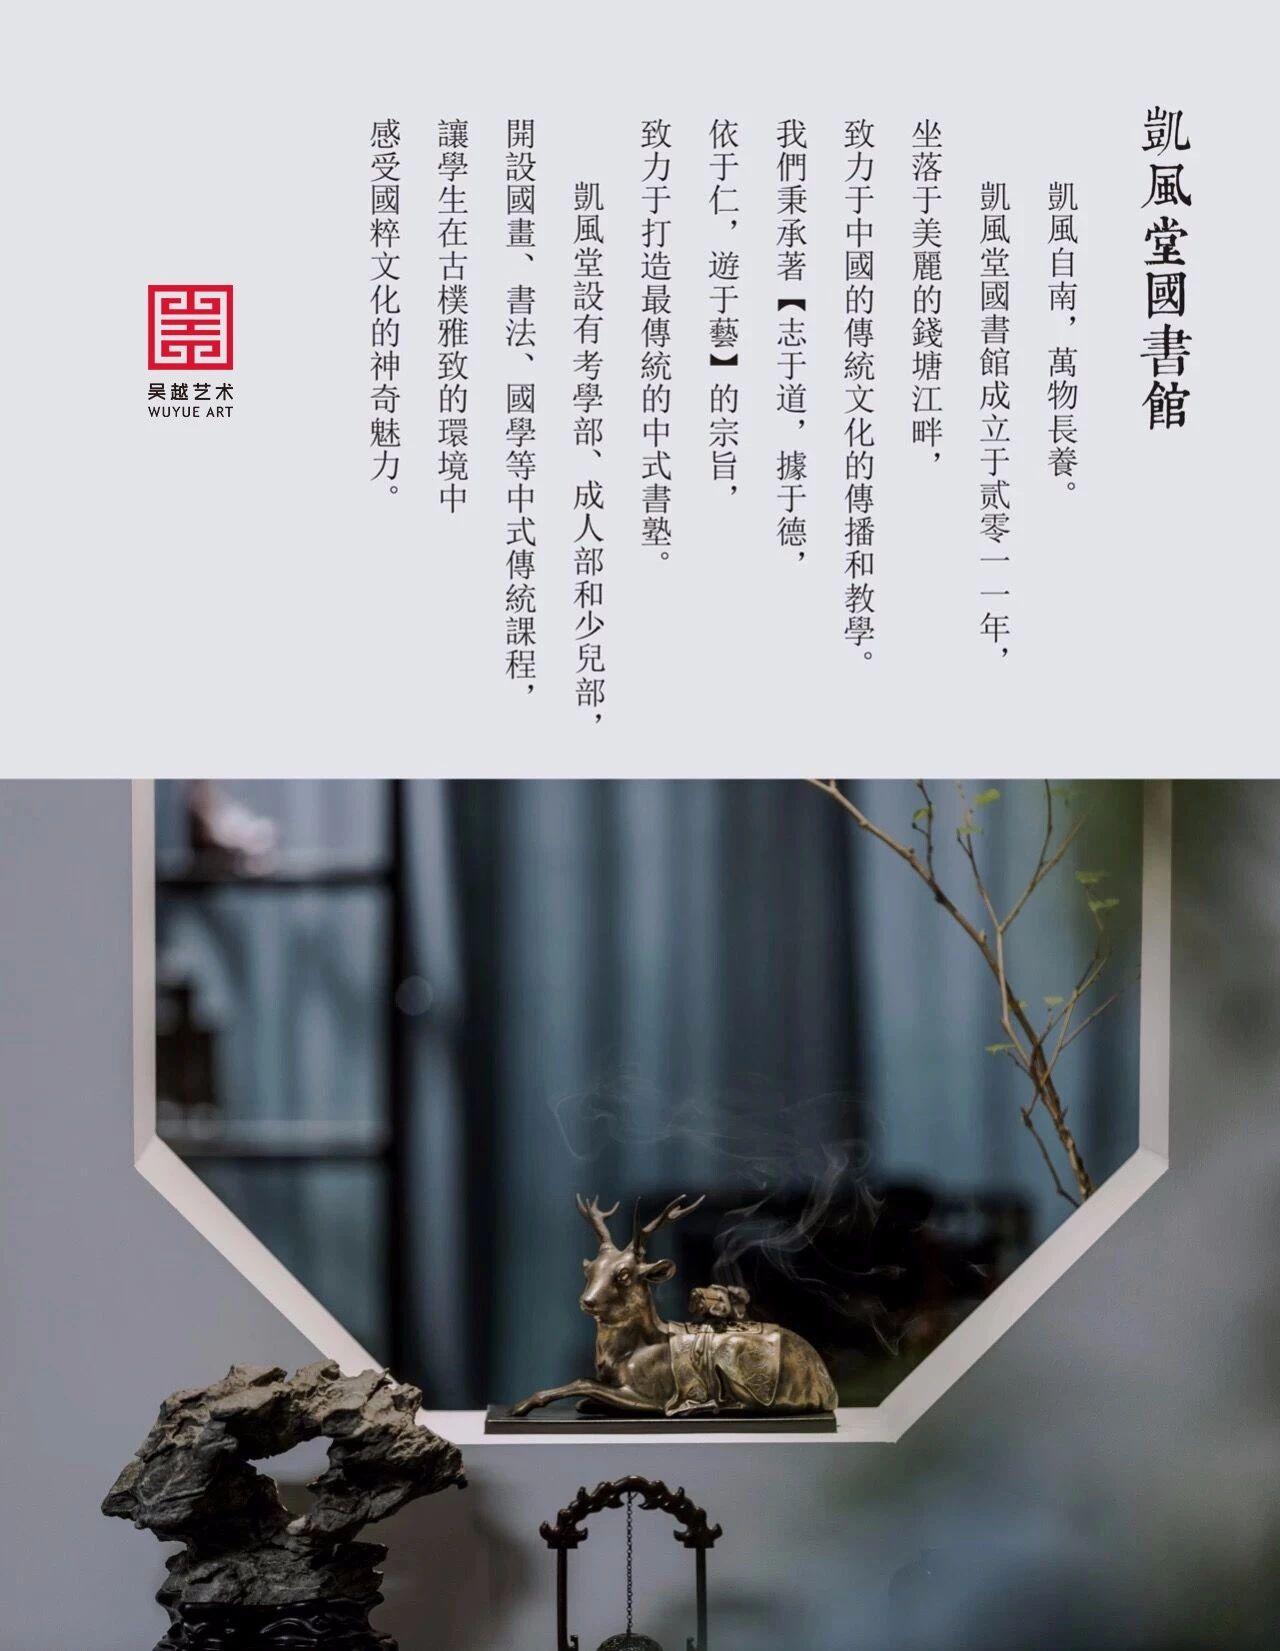 吴越图书馆简介